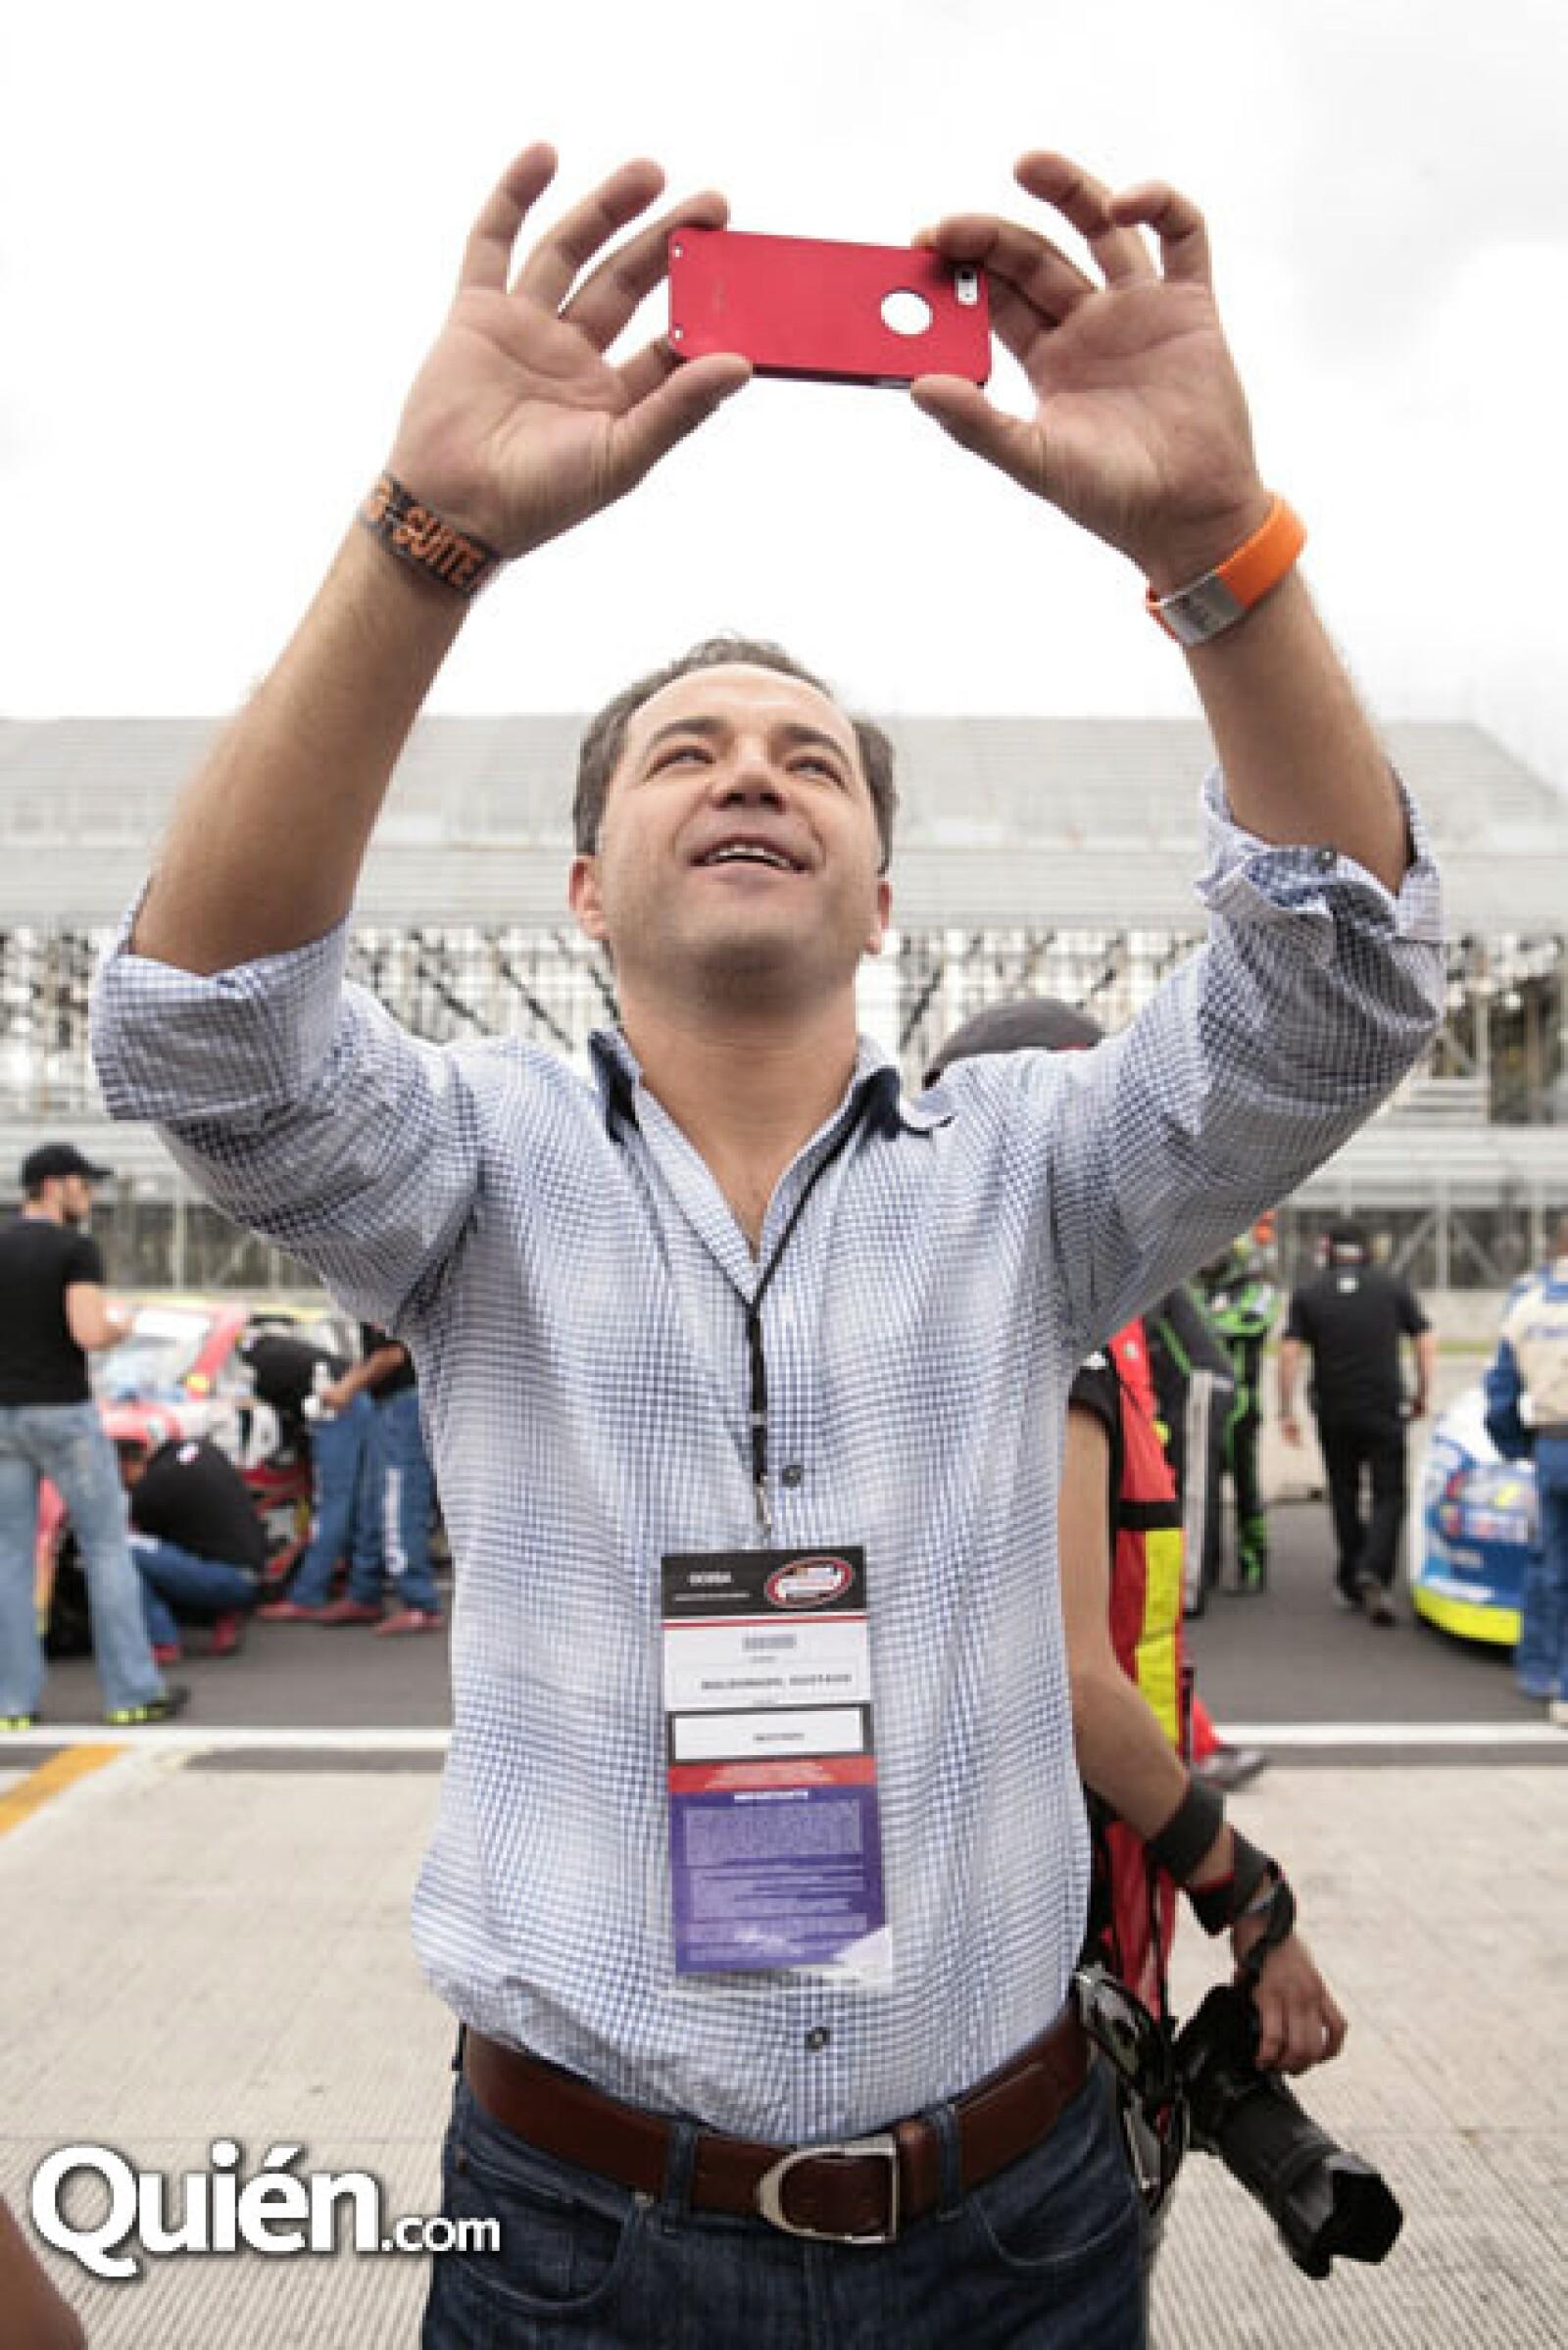 Gustavo Maldonado